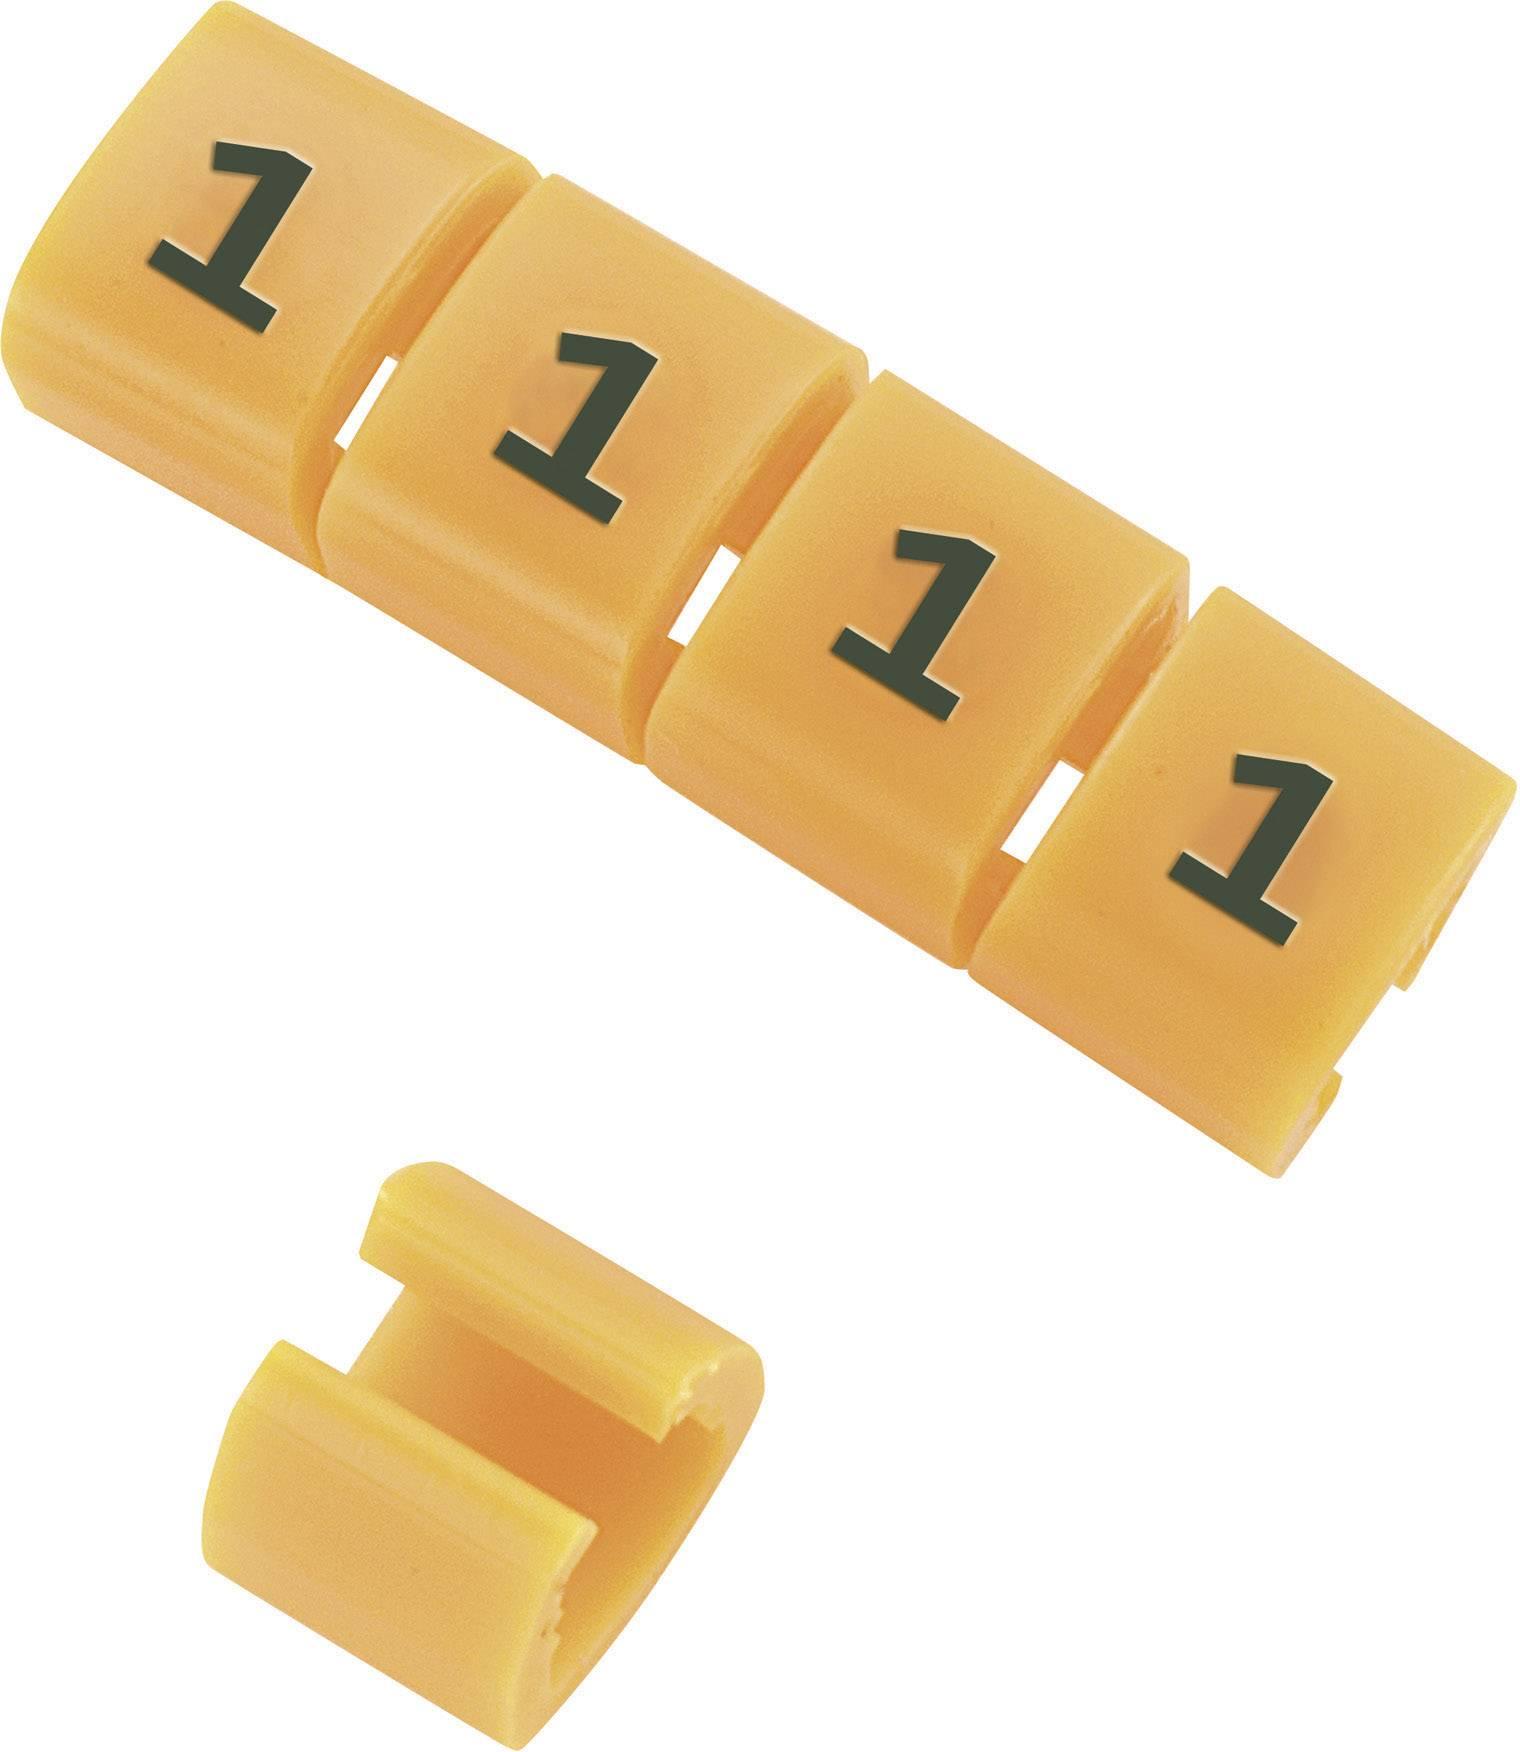 Označovacie objímka na káble KSS MB2/7, oranžová, 10 ks